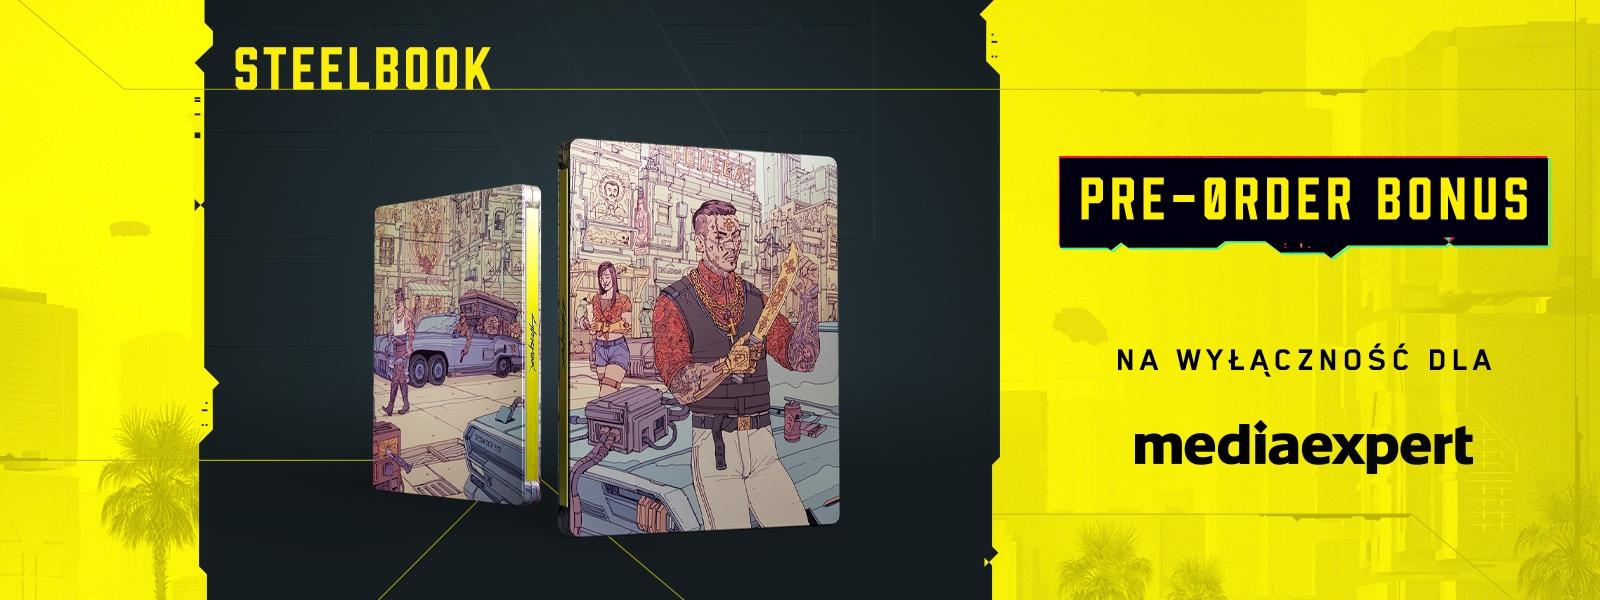 steelbook cyberpunk 2077 dodawany do zamówień na mediaexpert